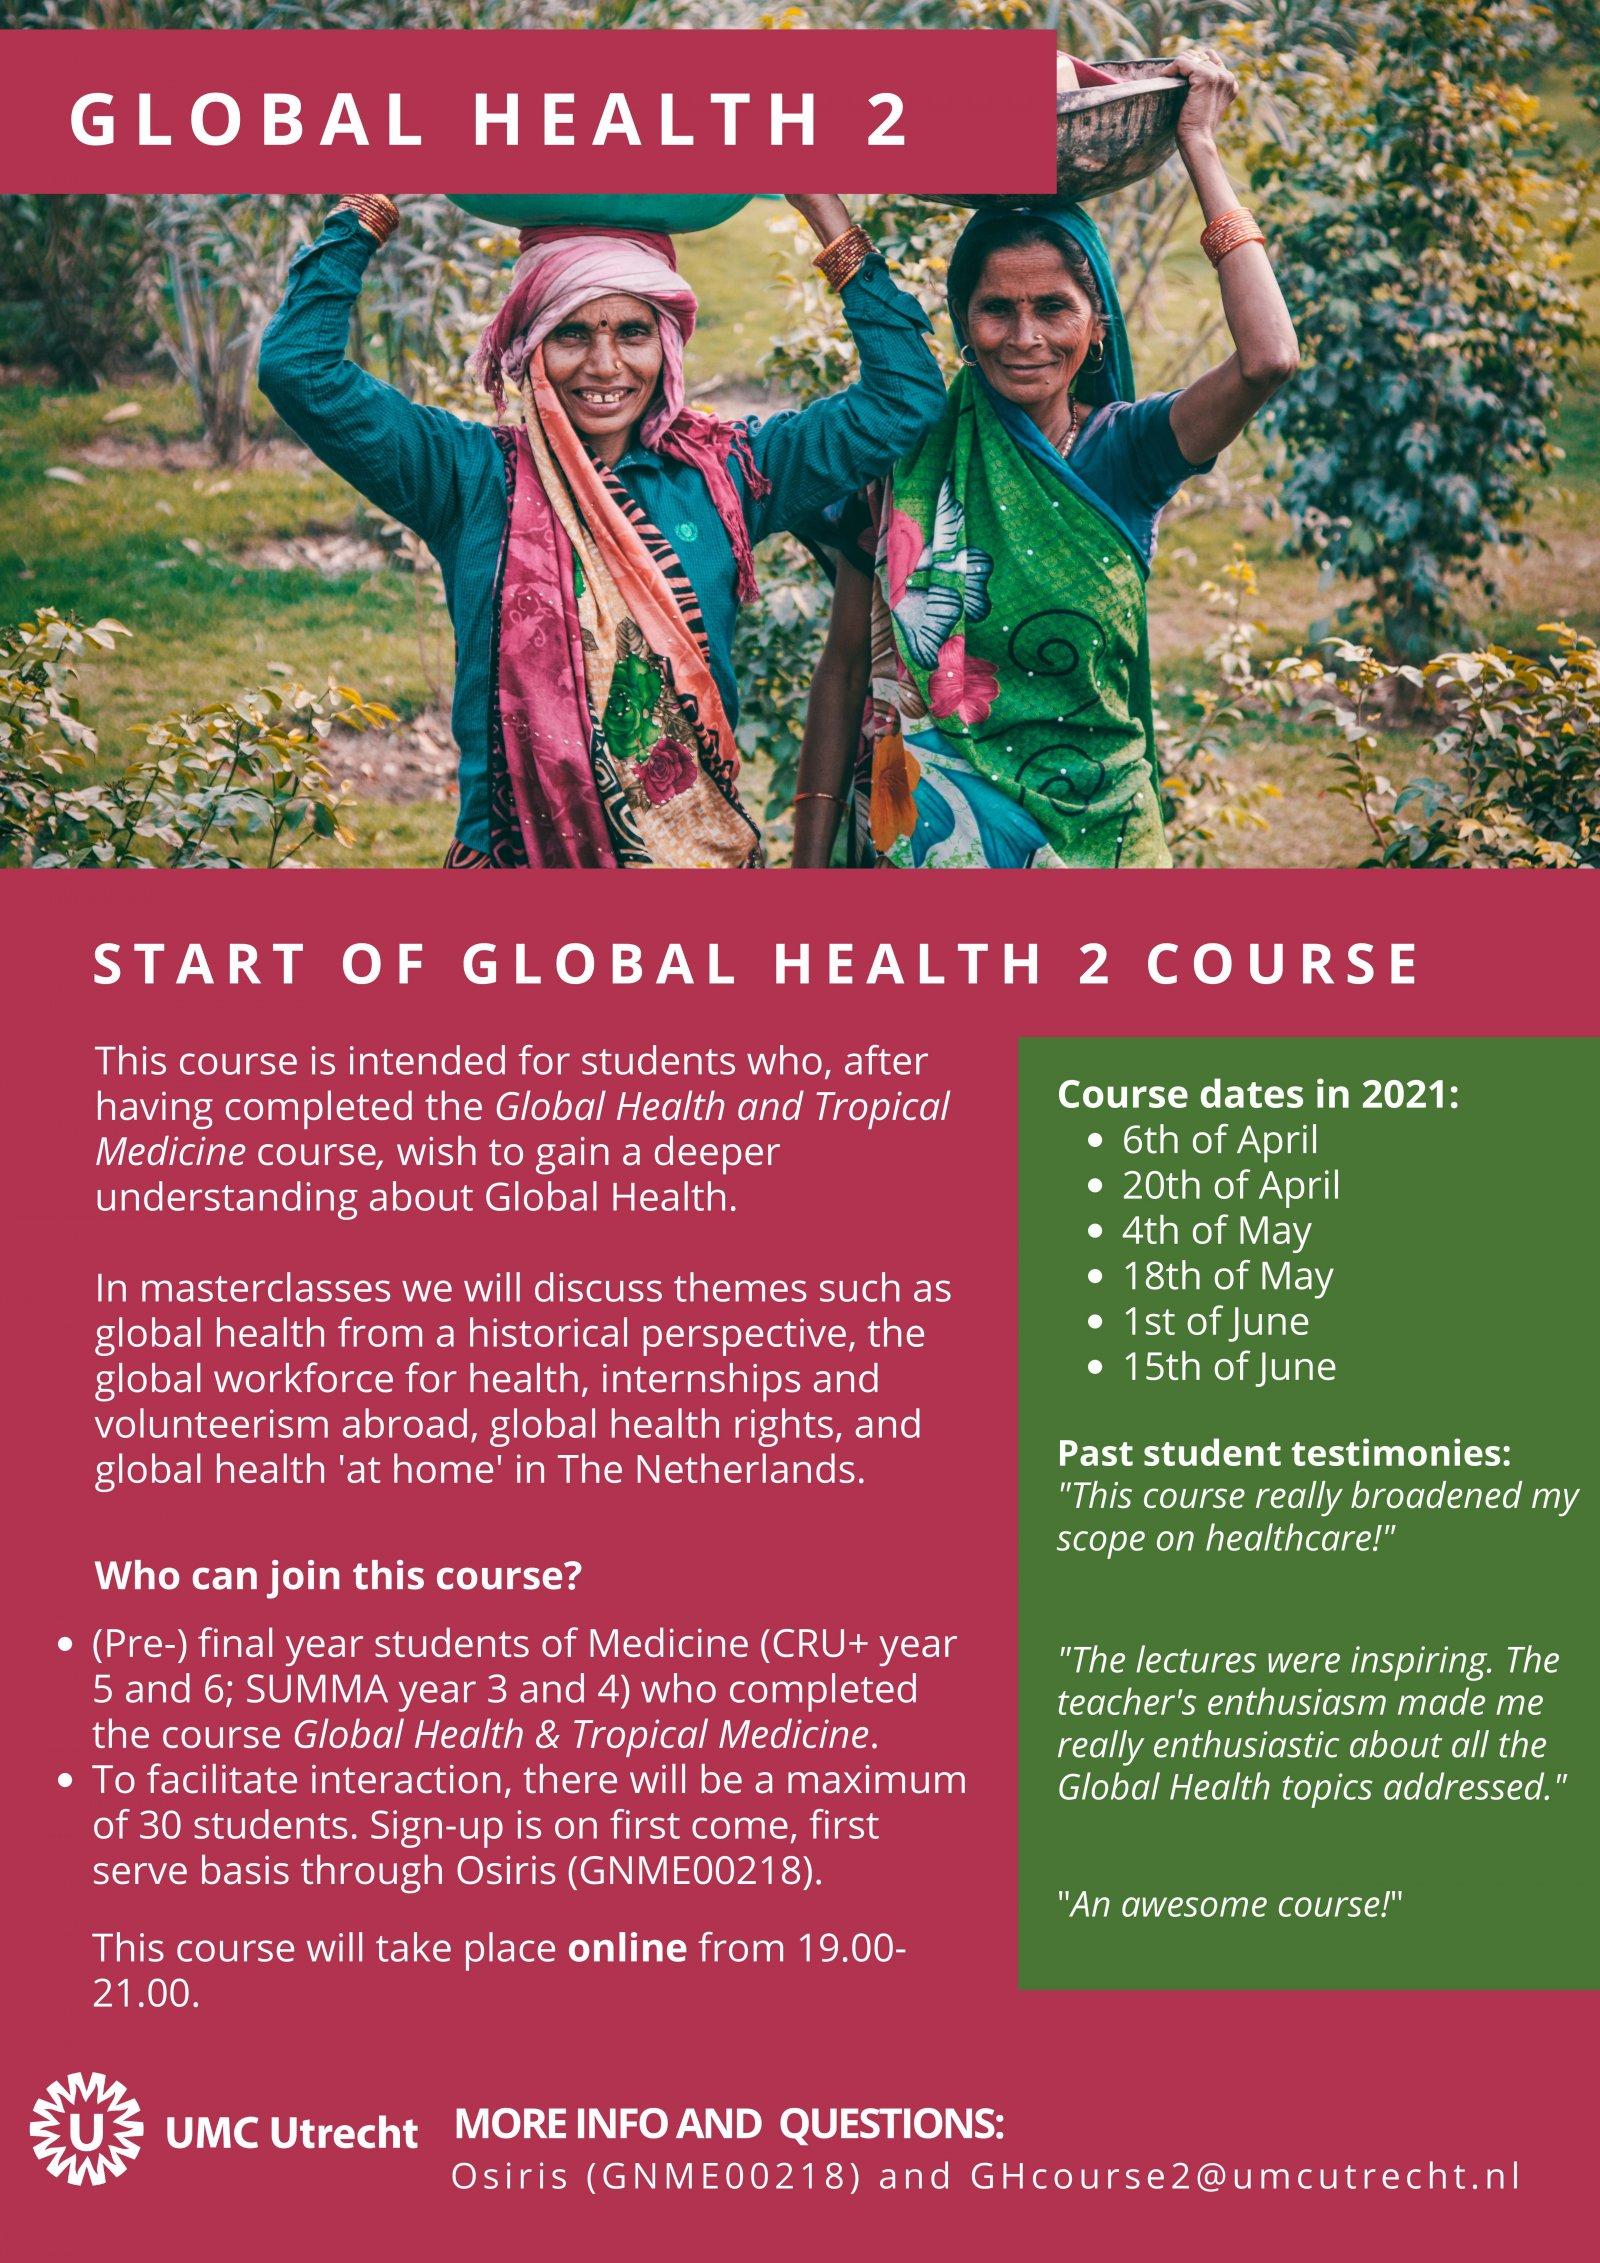 Poster van de Global Health 2 course